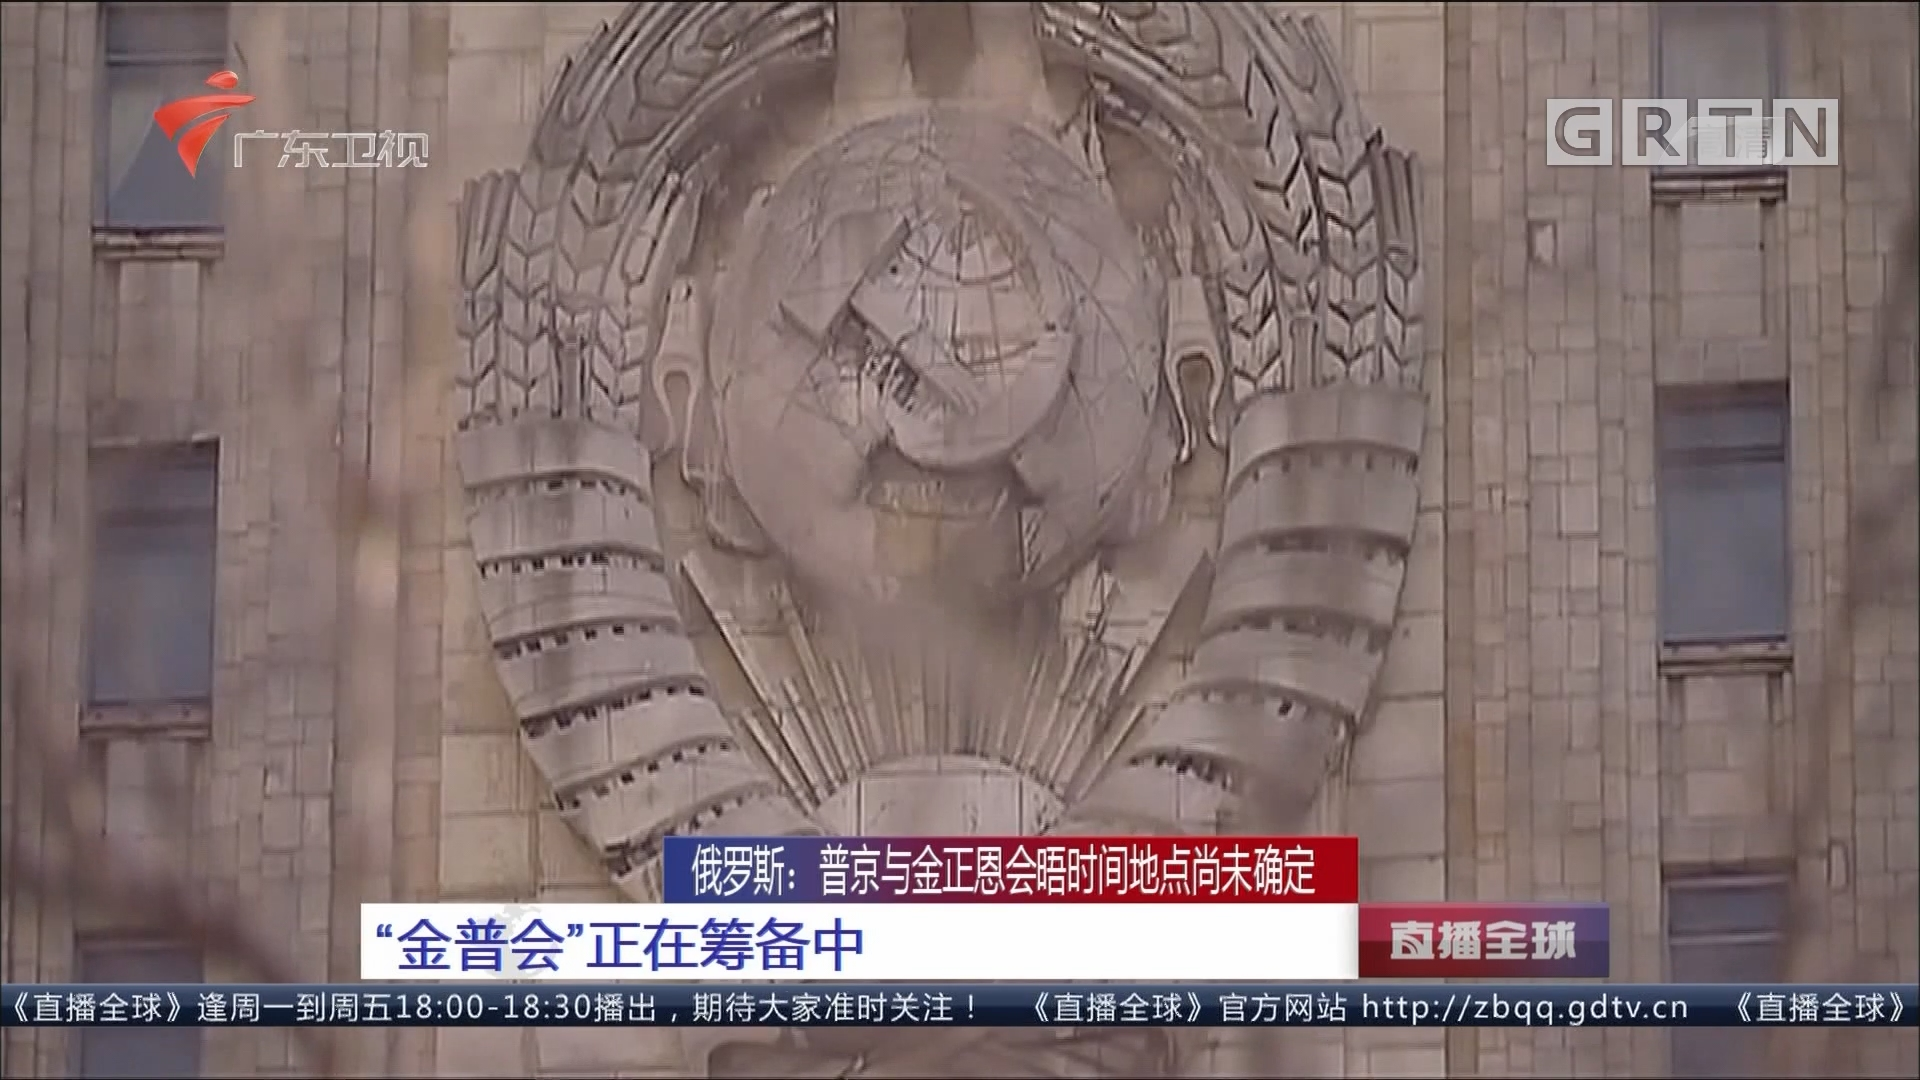 """俄罗斯:普京与金正恩会晤时间地点尚未确定 """"金普会""""正在筹备中"""